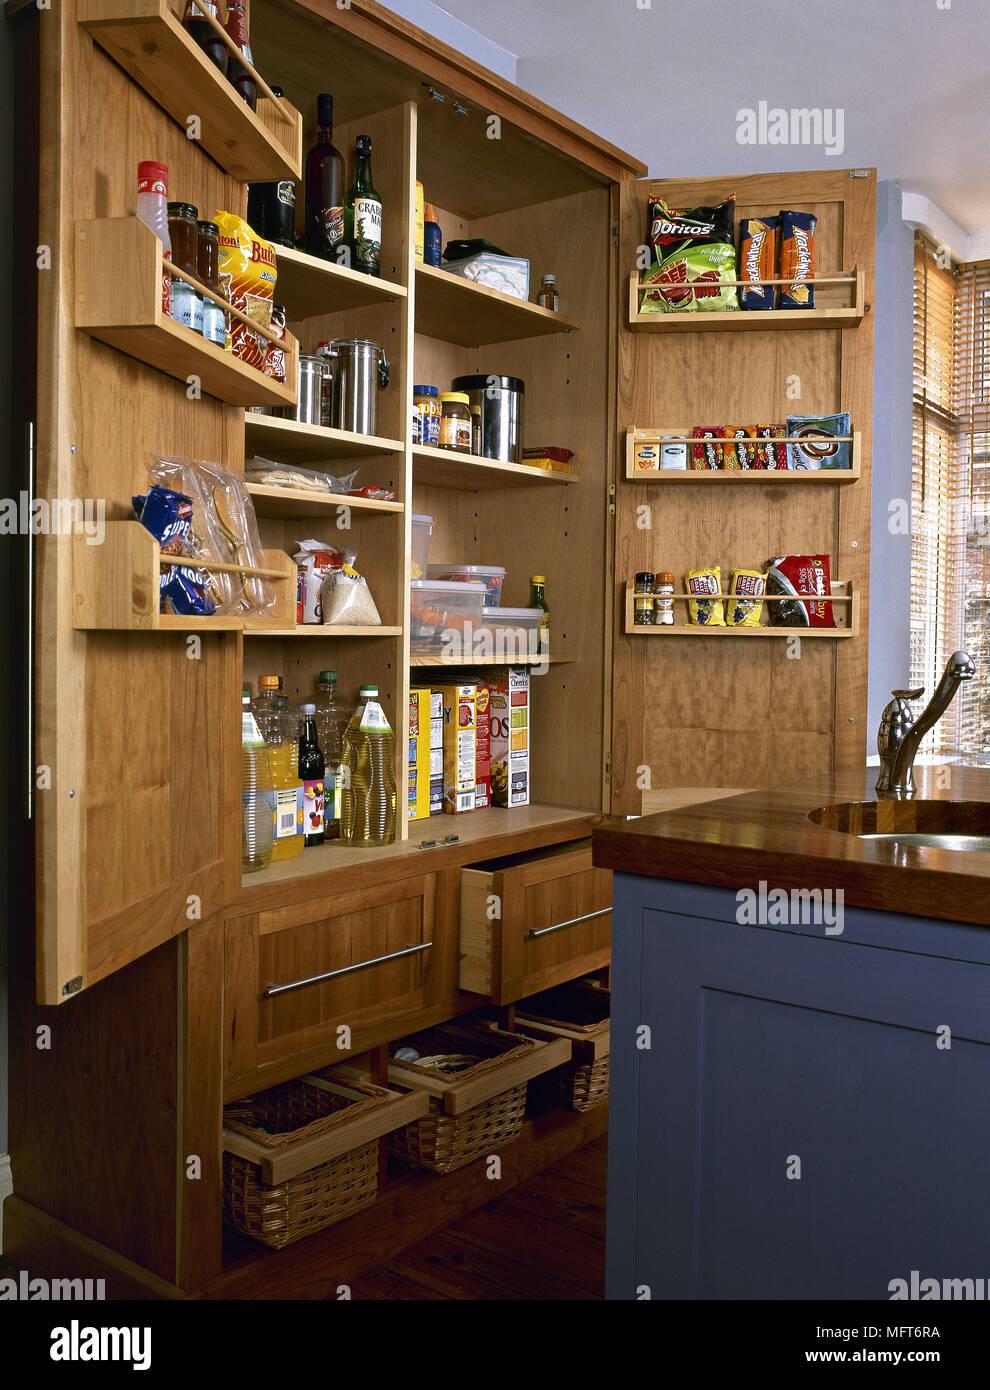 Großartig Ecke Küche Speisekammer Größe Bilder - Küchen Design Ideen ...